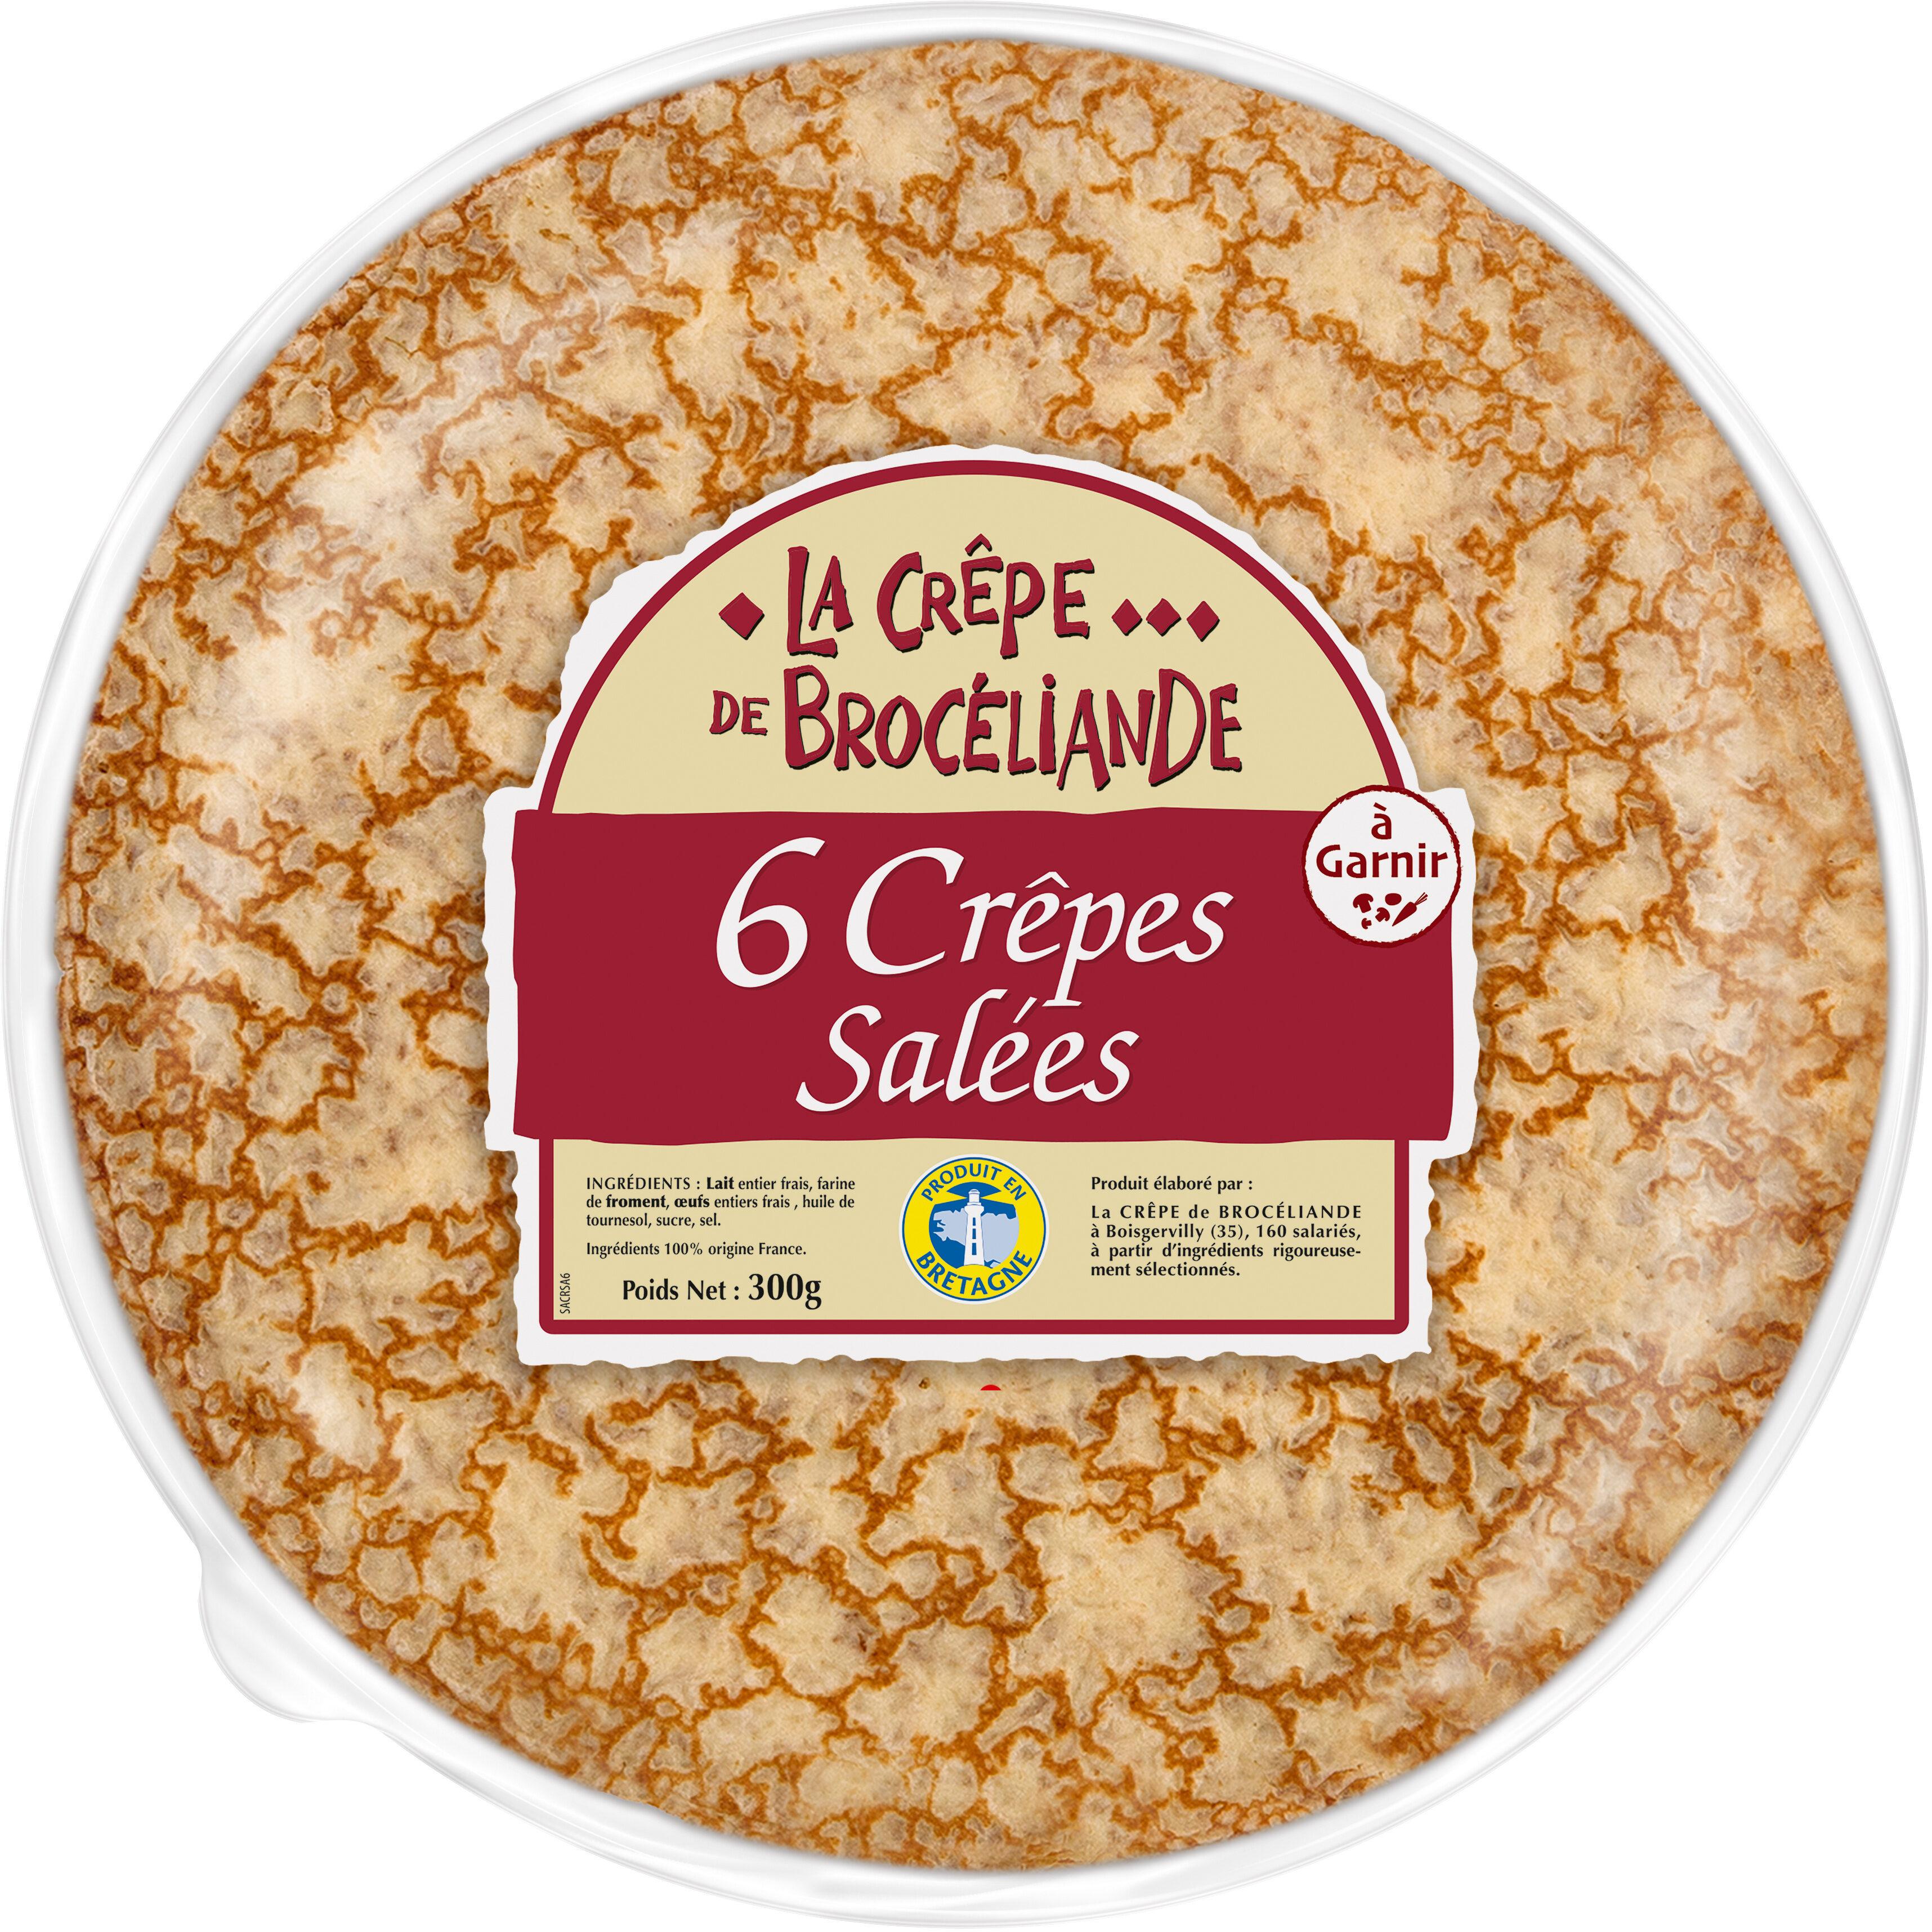 6 Crêpes de Froment Salées en Sachet - Product